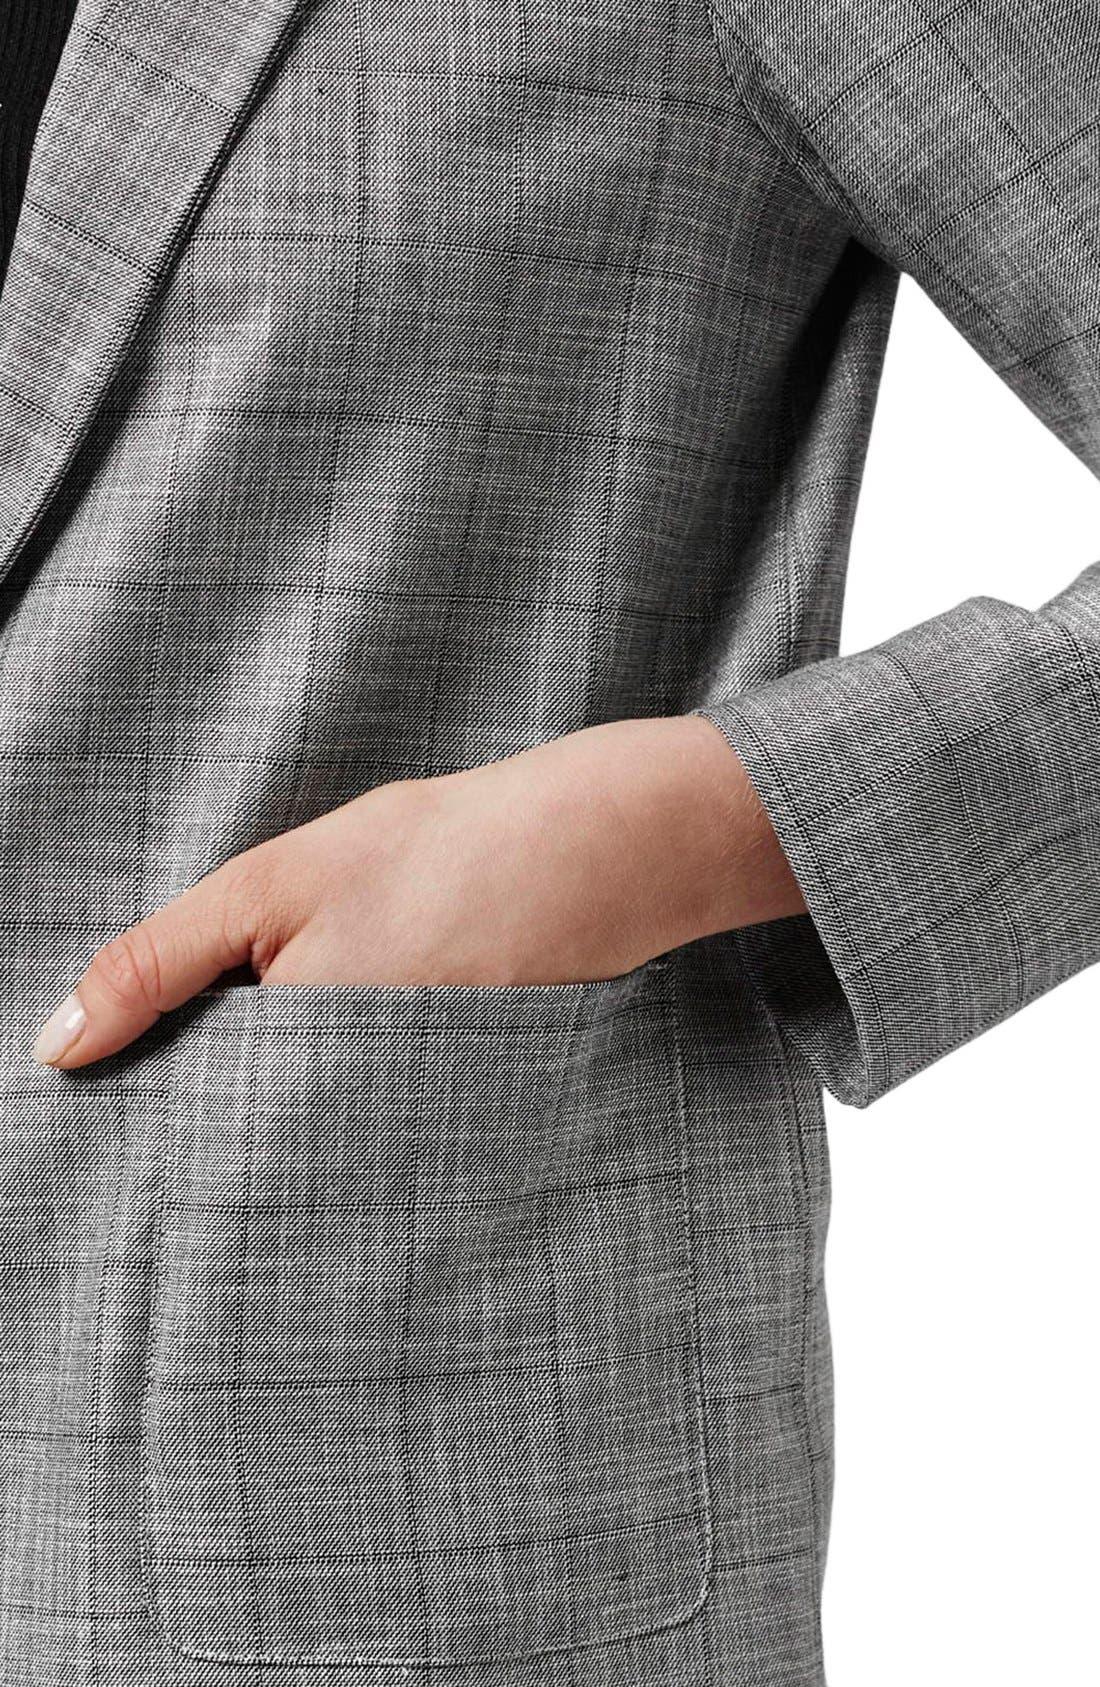 TOPSHOP,                             'Check Tonic' One-Button Suit Blazer,                             Alternate thumbnail 6, color,                             020